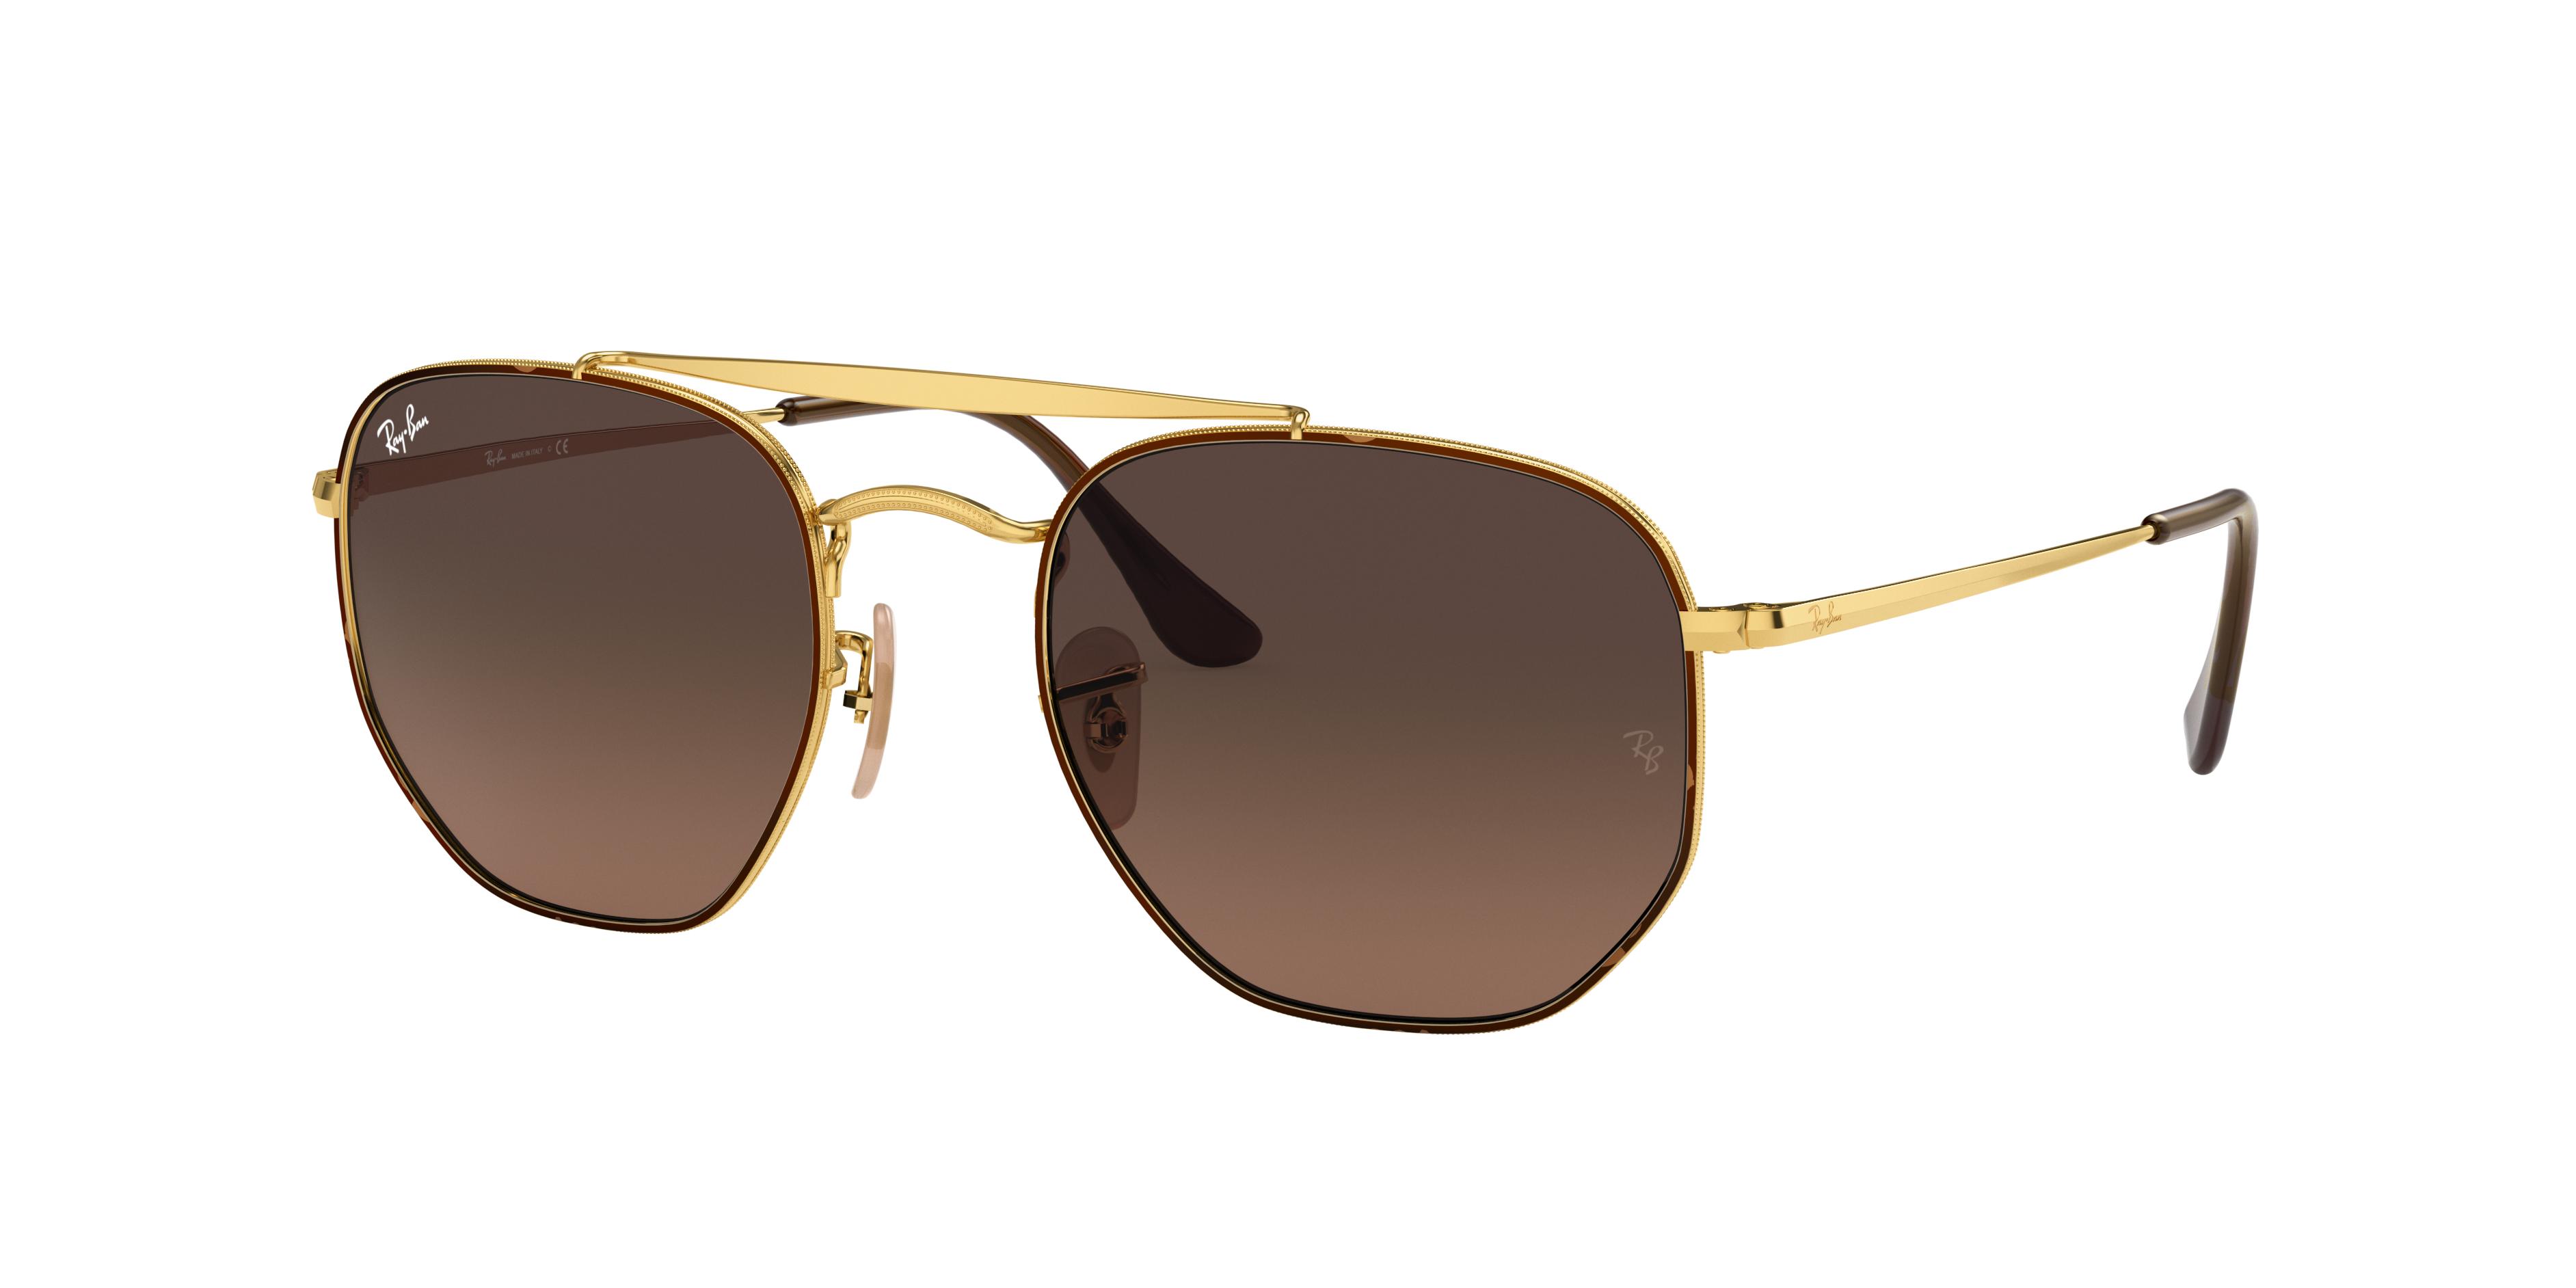 Ray-Ban Marshal Gold, Brown Lenses - RB3648